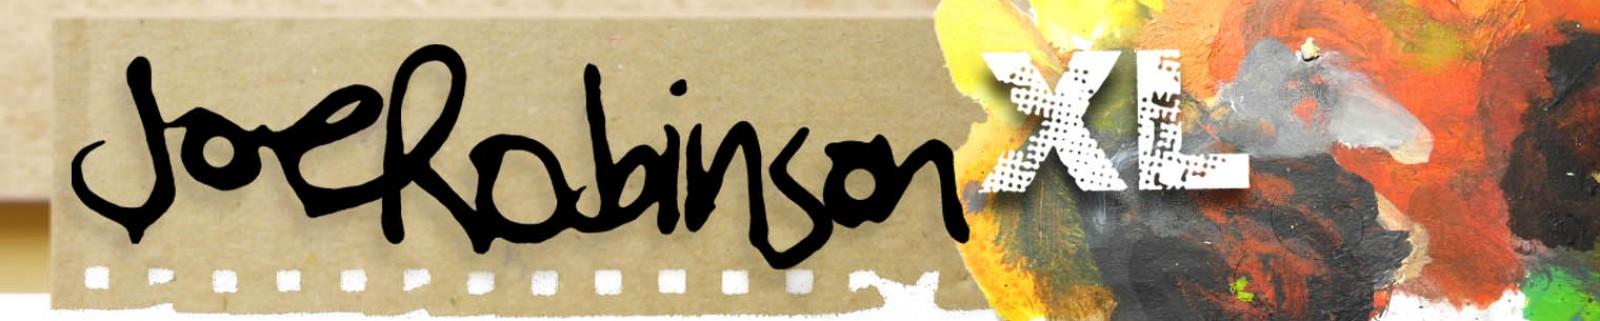 Joe Robinson XL